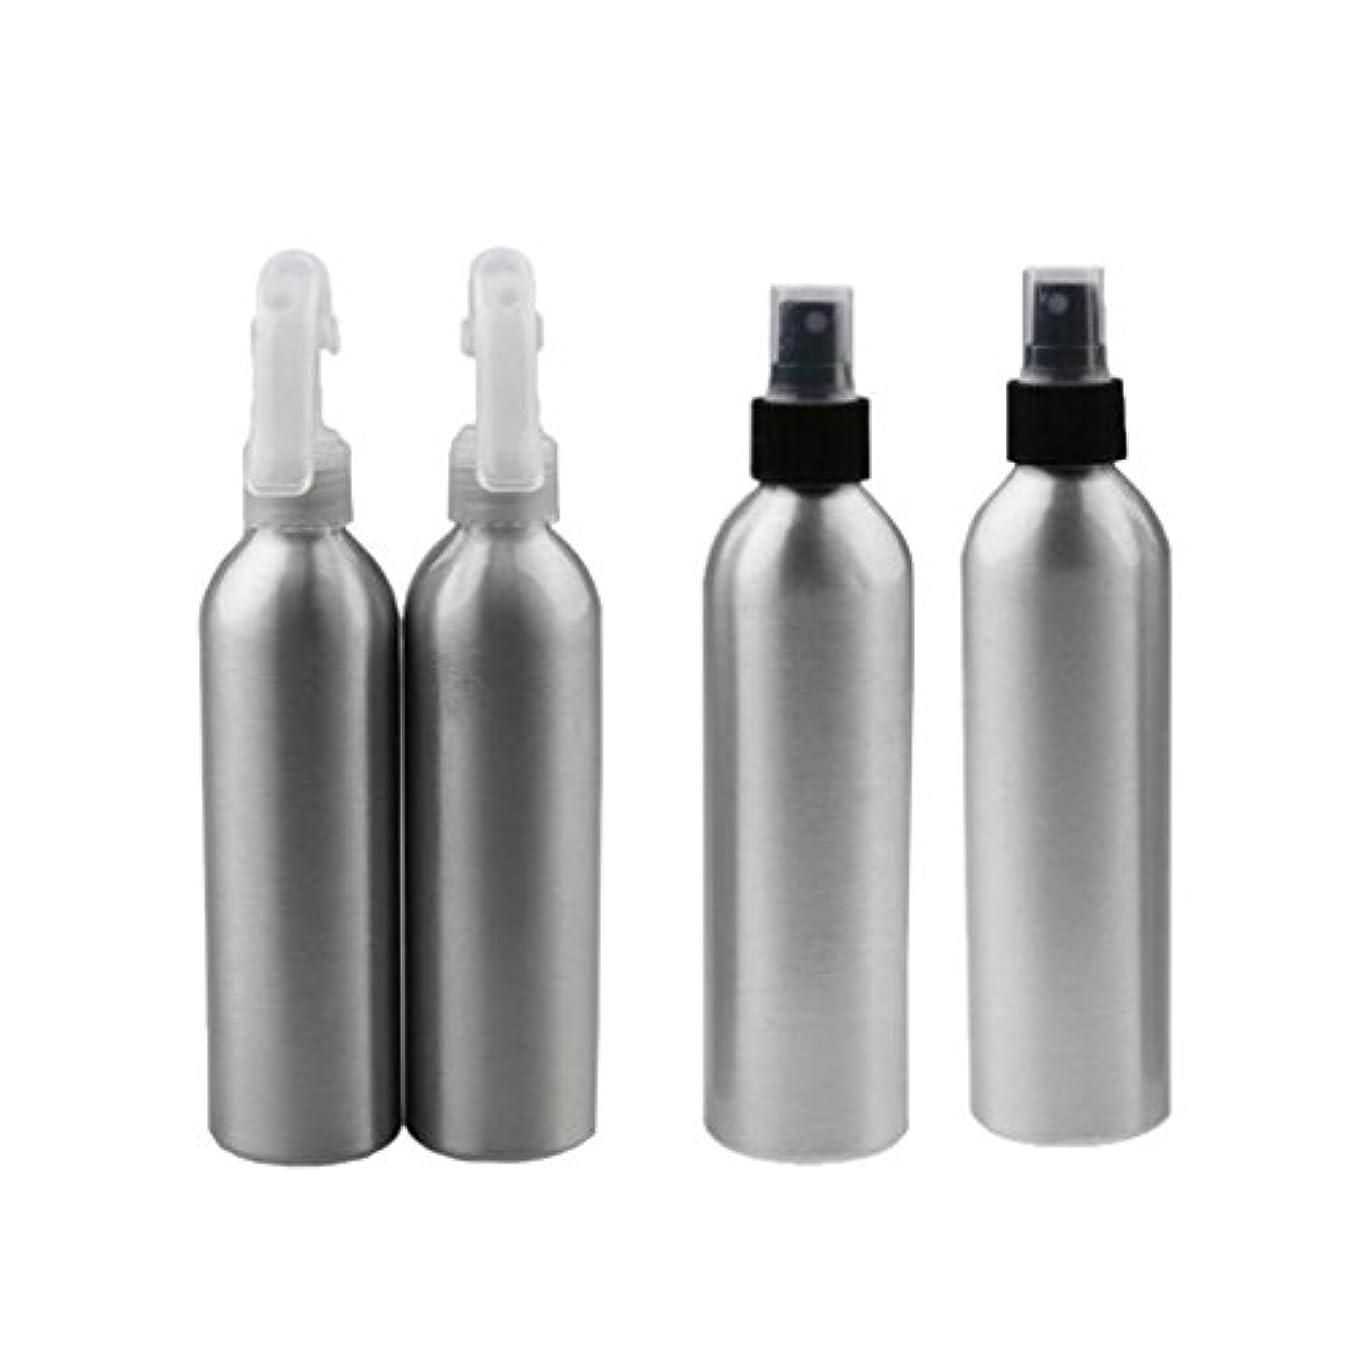 中止します集団的甲虫4個 2x100ml 2x50ml アルミ 空 ミストスプレー ボトル メイクアップ 香水 スプレーアトマイザー 便利